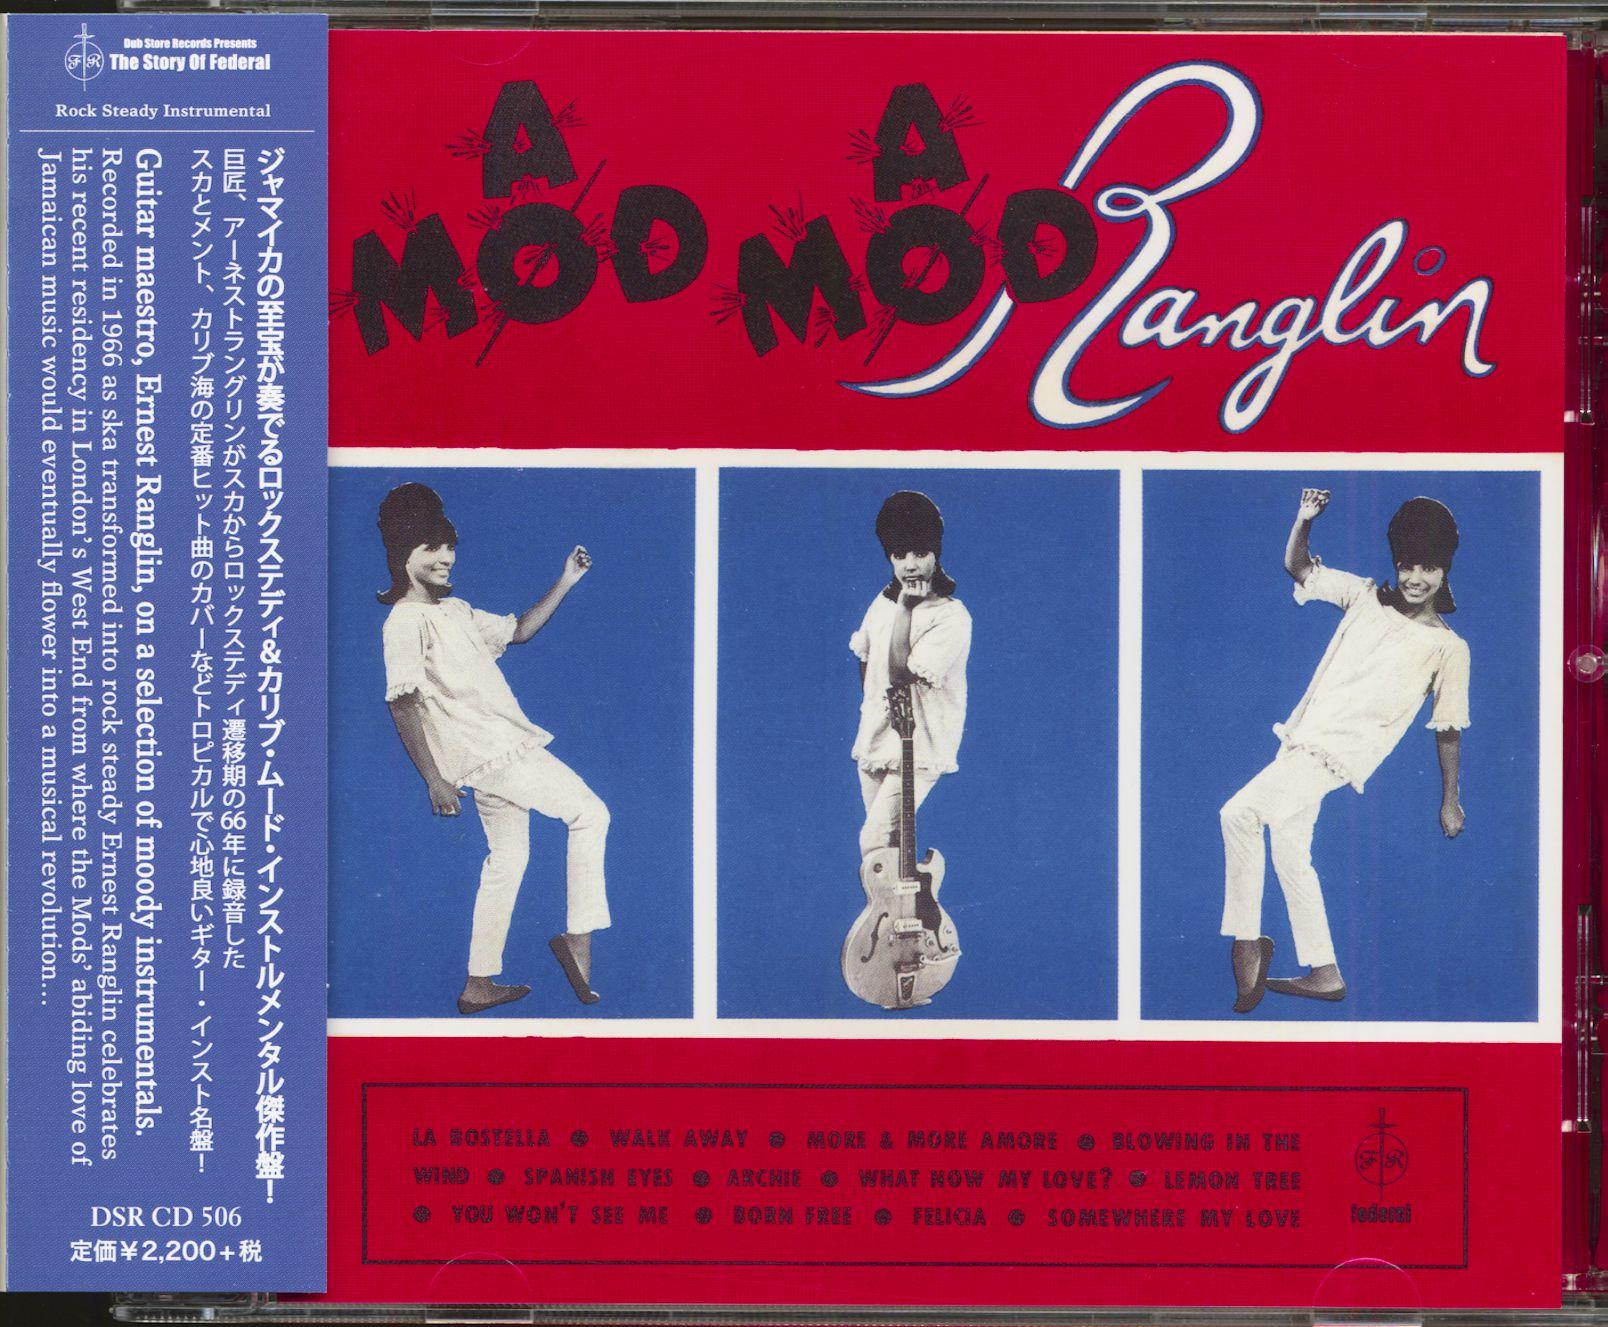 Ernest Ranglin Mod Mod Ranglin (CD, Japan)